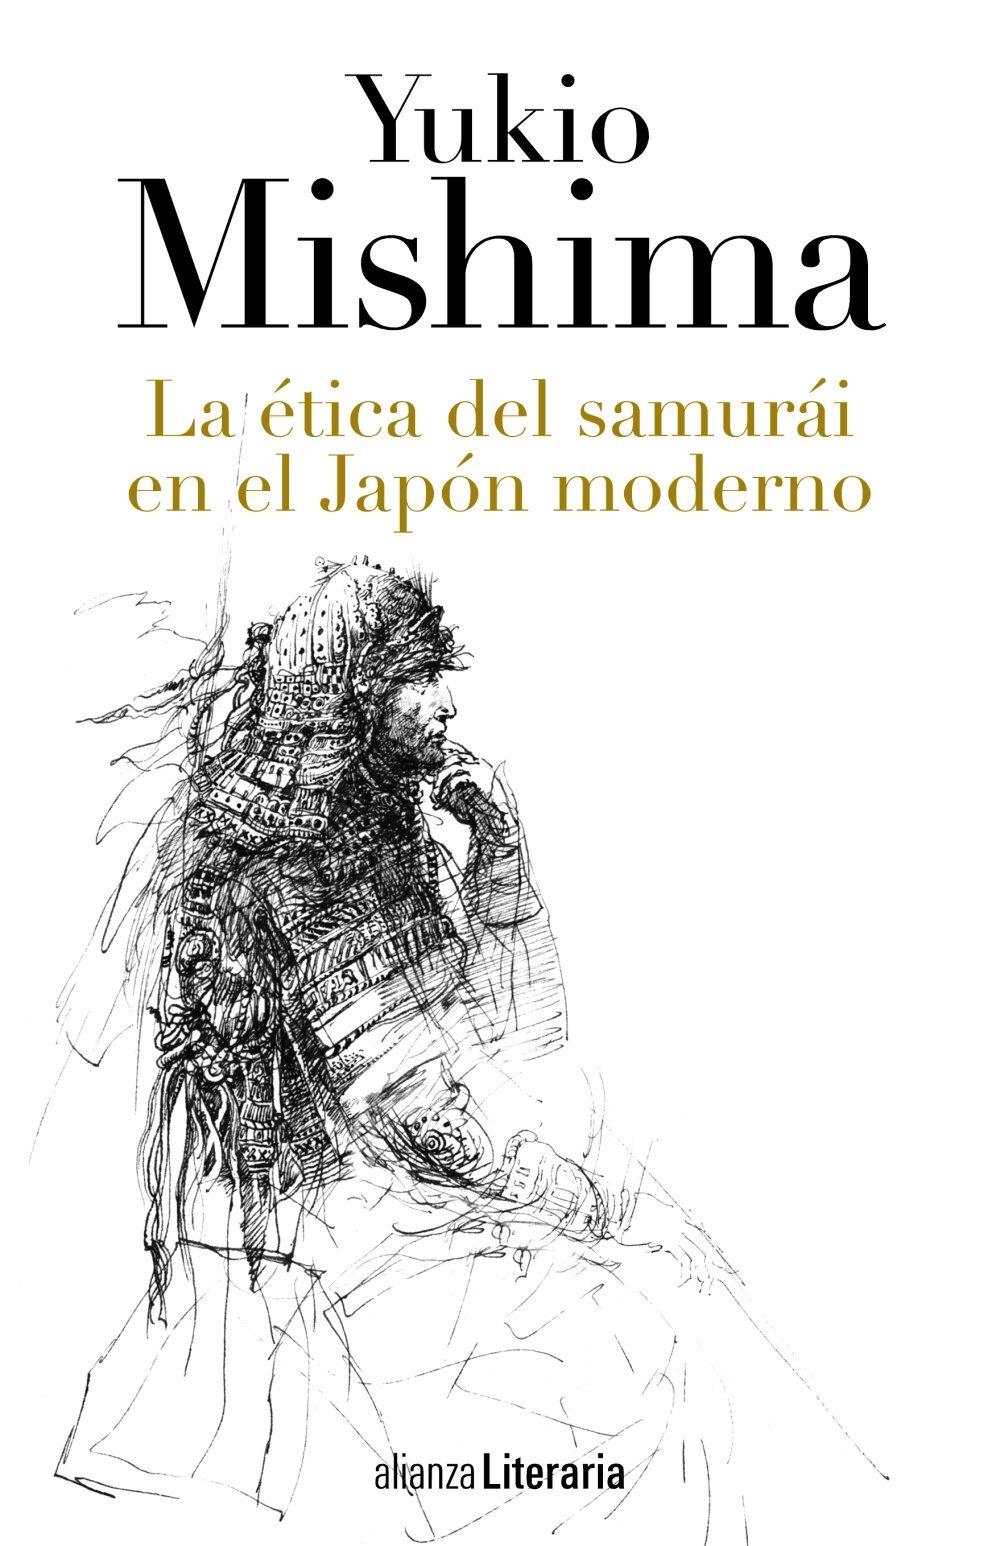 La etica del samurai